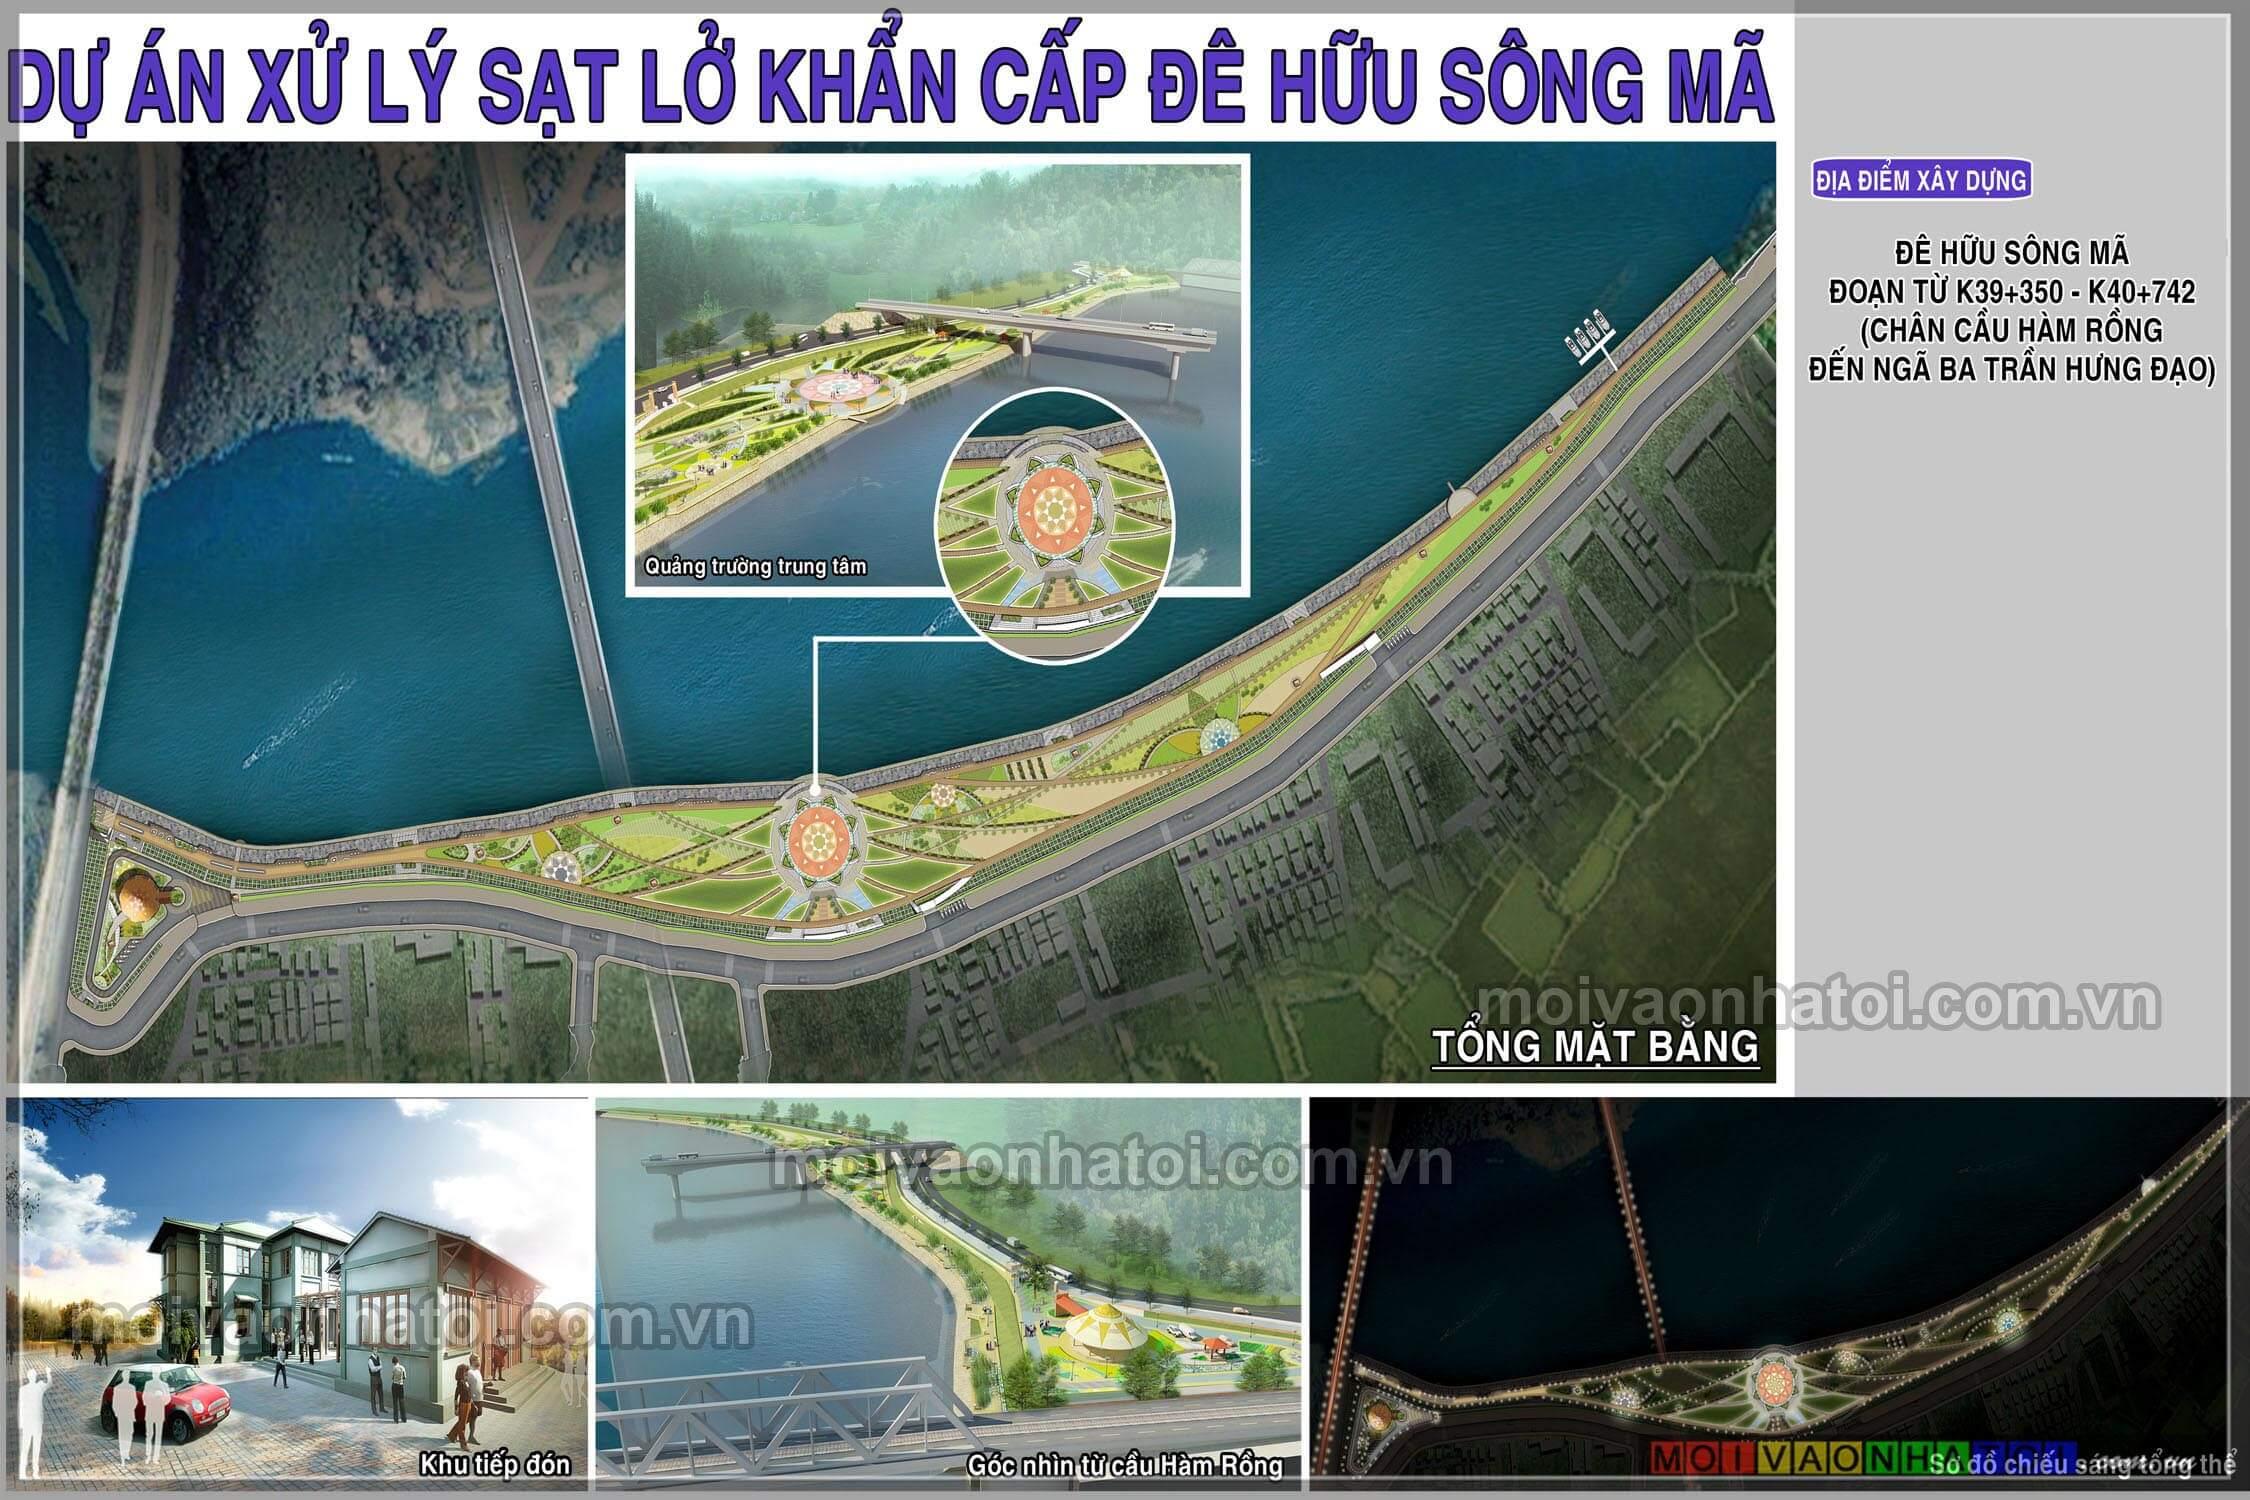 Thiết kế cảnh quan vườn hoa trên đê - cầu Hàm Rồng - Sông Mã - Thanh Hóa